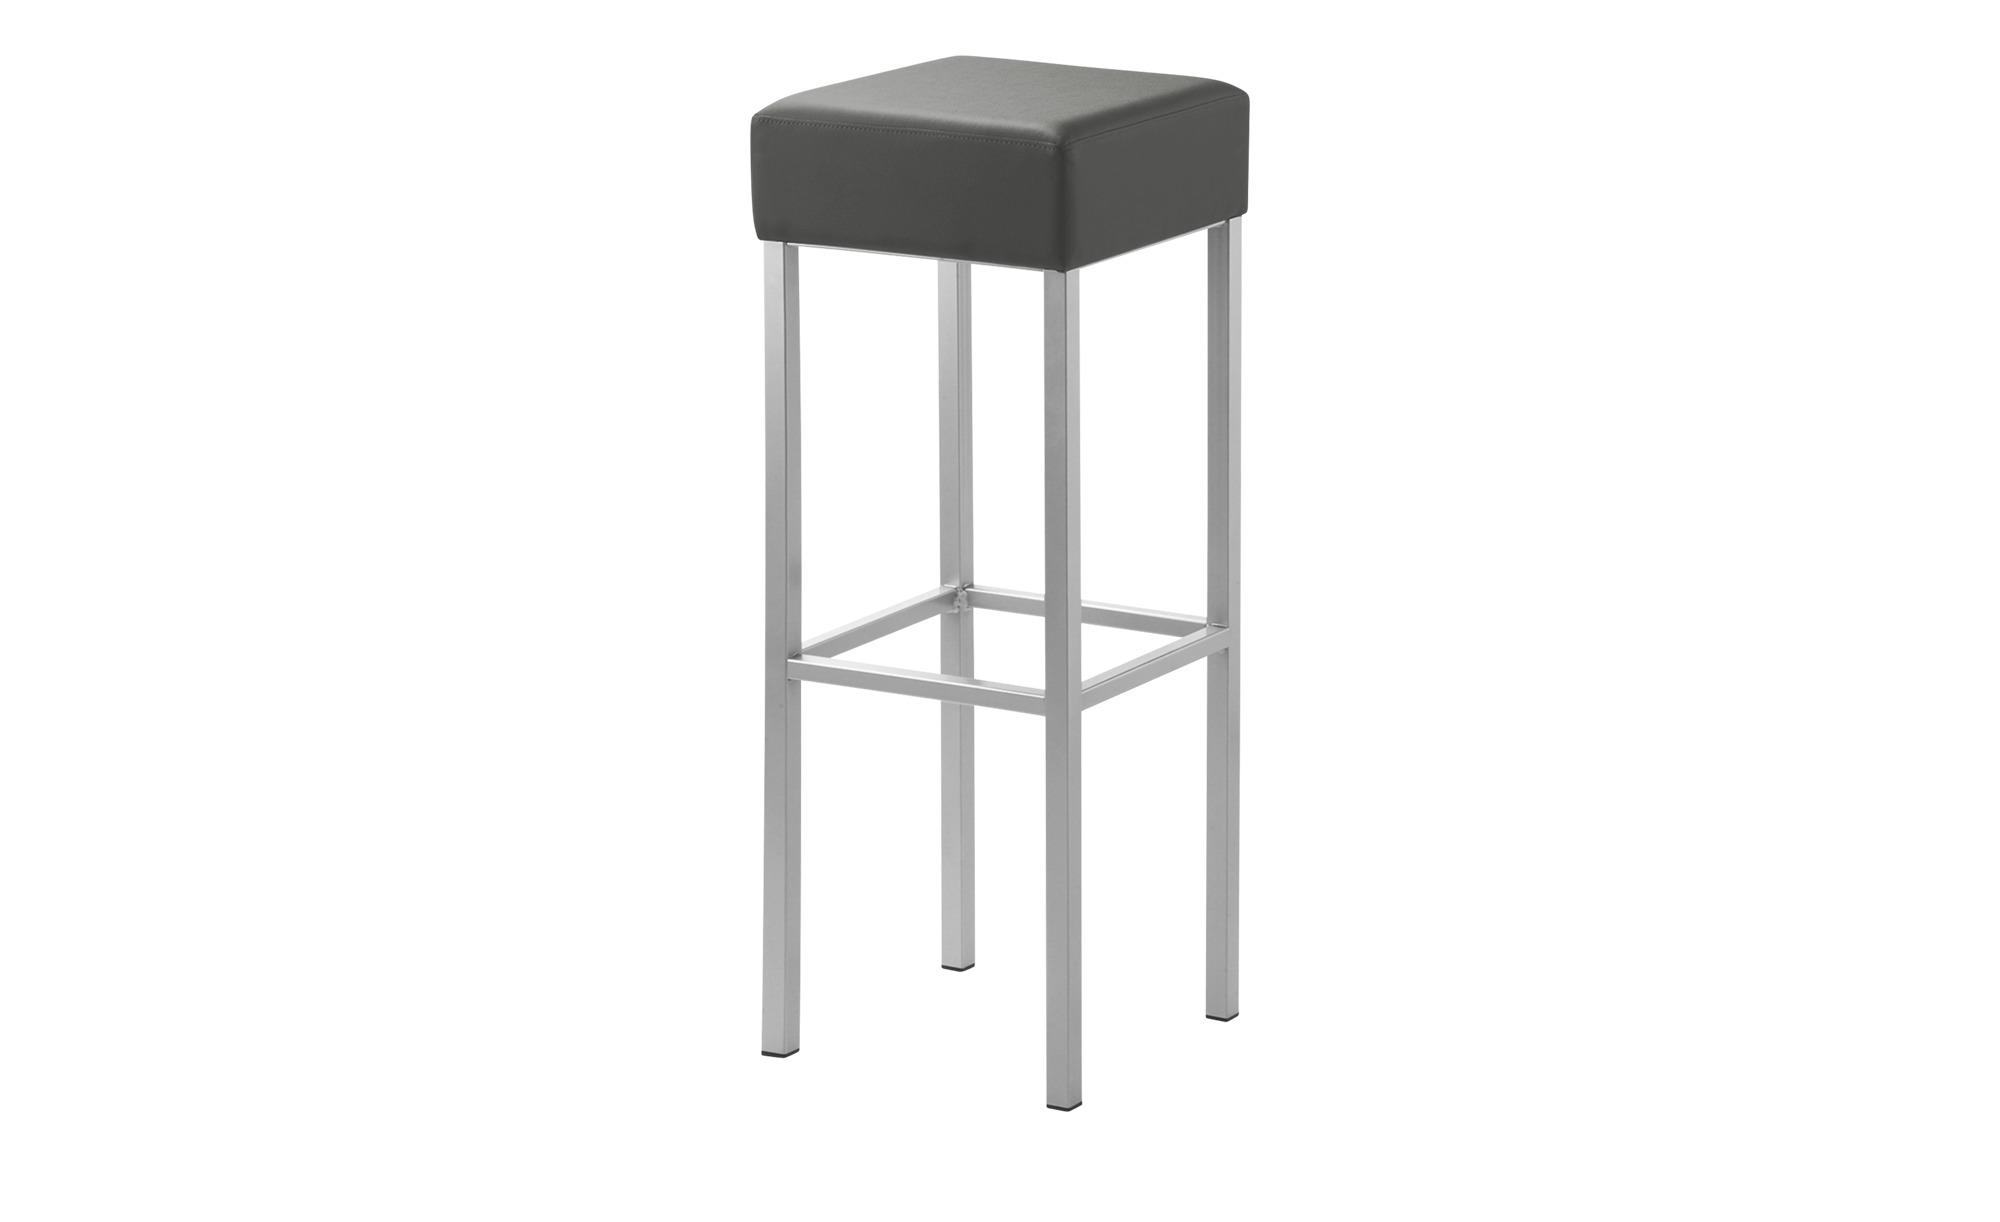 Barhocker  Cubus ¦ grau ¦ Maße (cm): B: 34 H: 92 T: 34 Stühle > Barhocker - Höffner | Küche und Esszimmer > Bar-Möbel > Barhocker | Möbel Höffner DE